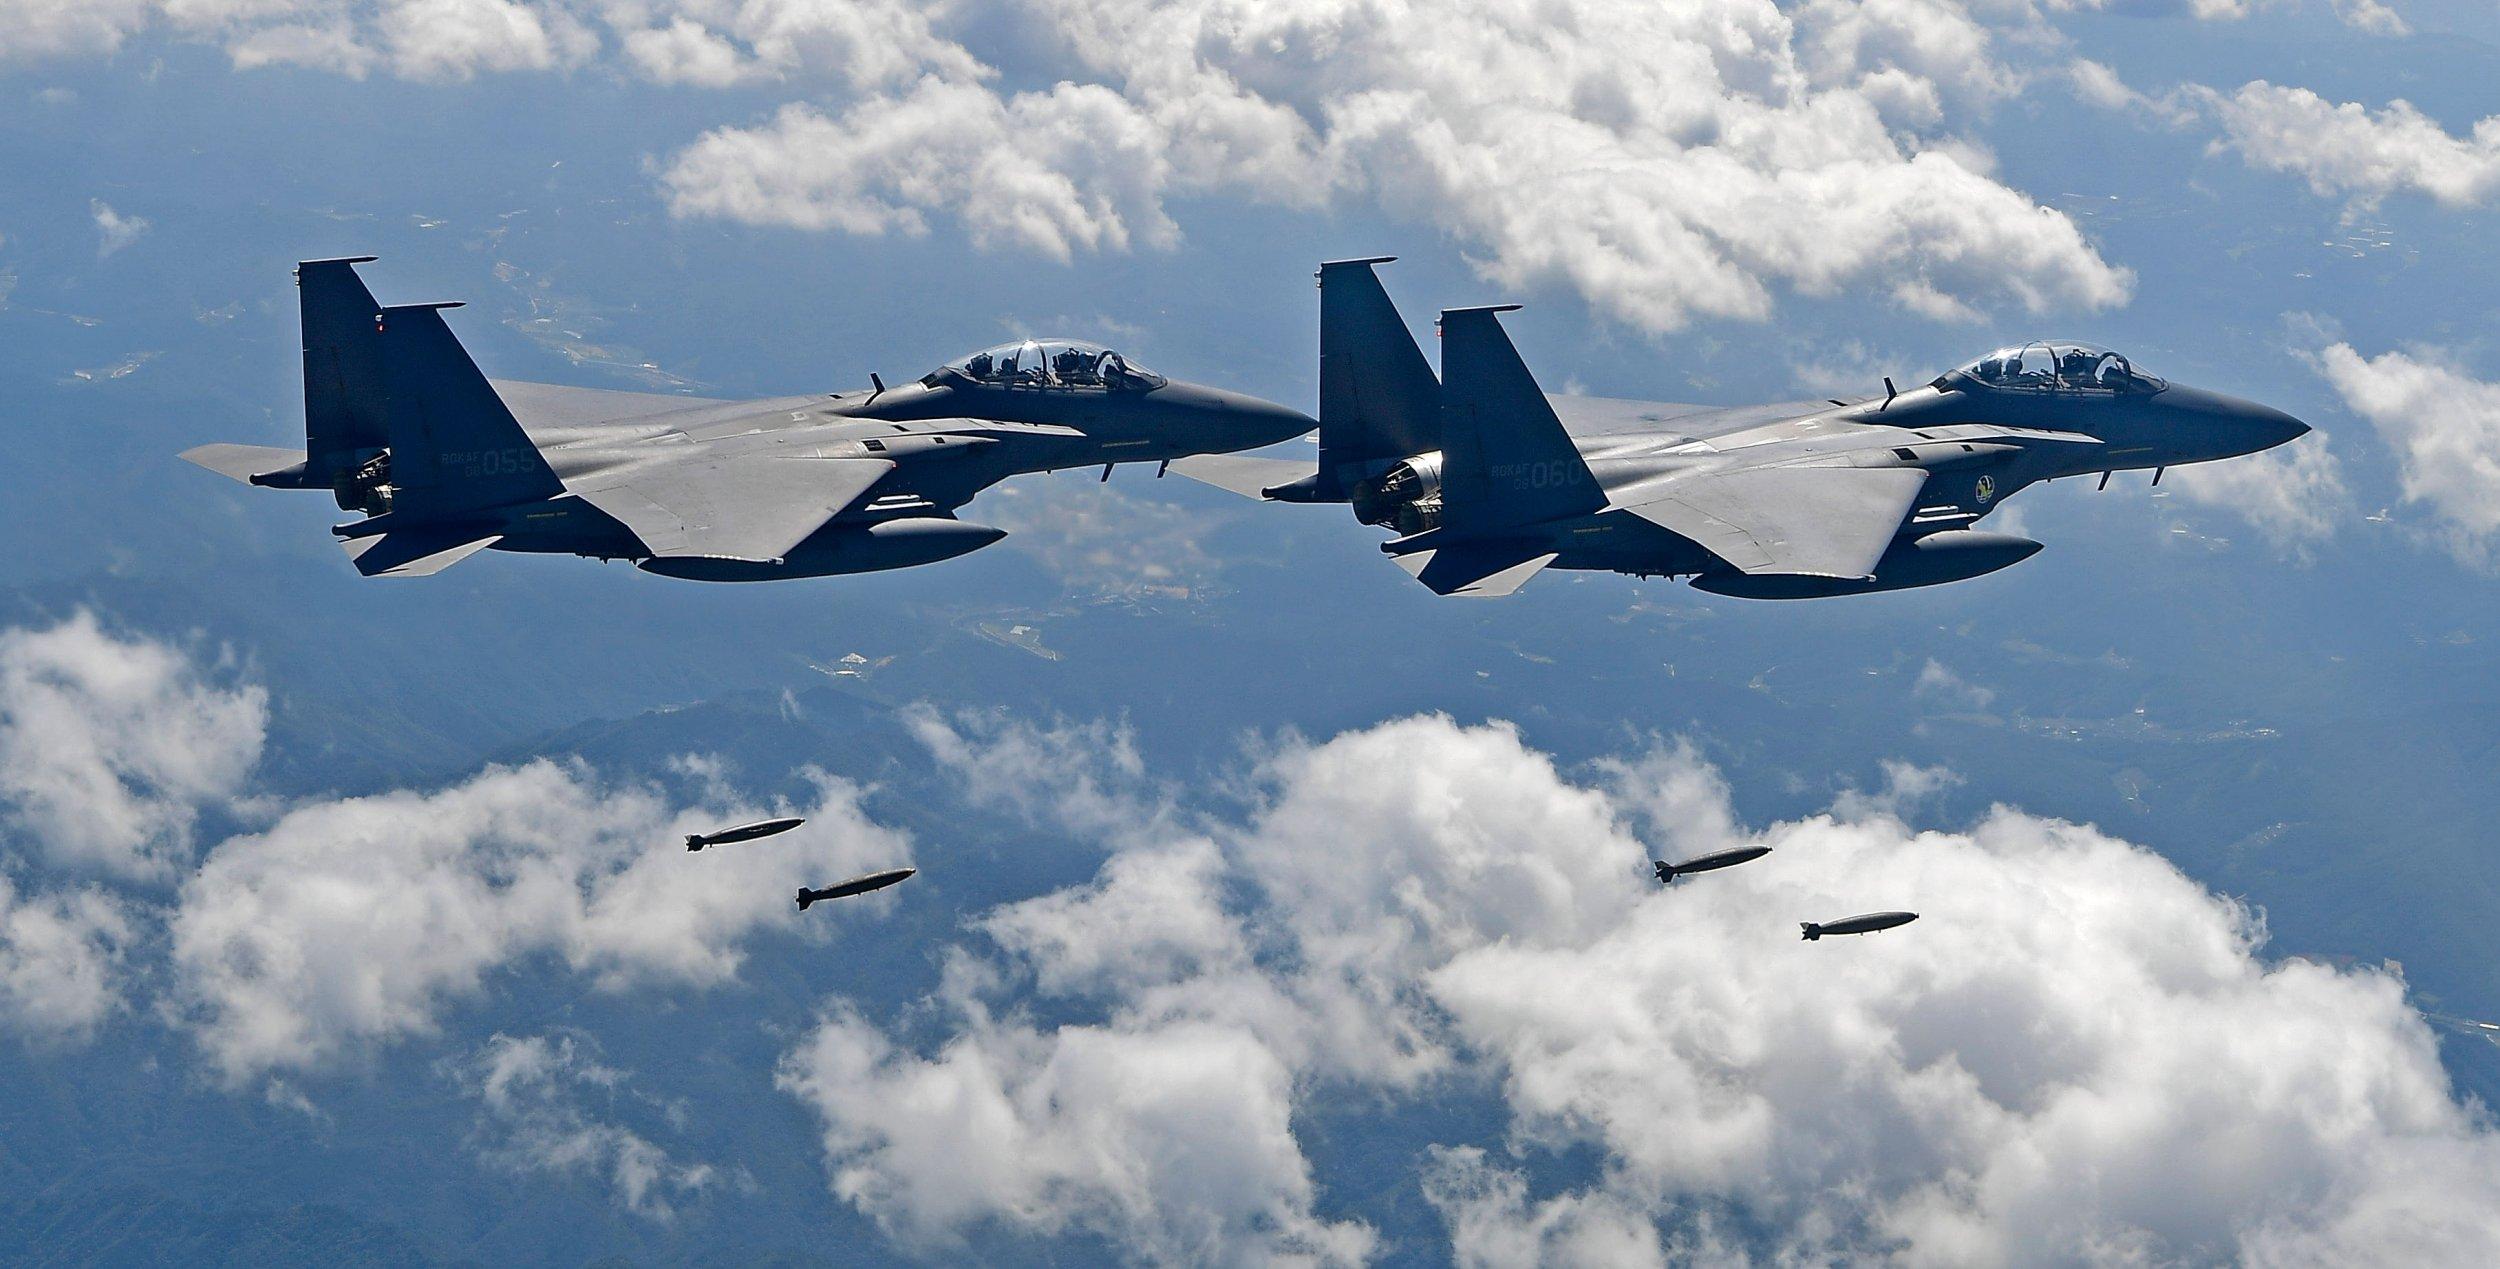 10_09_South_Korea_Jets